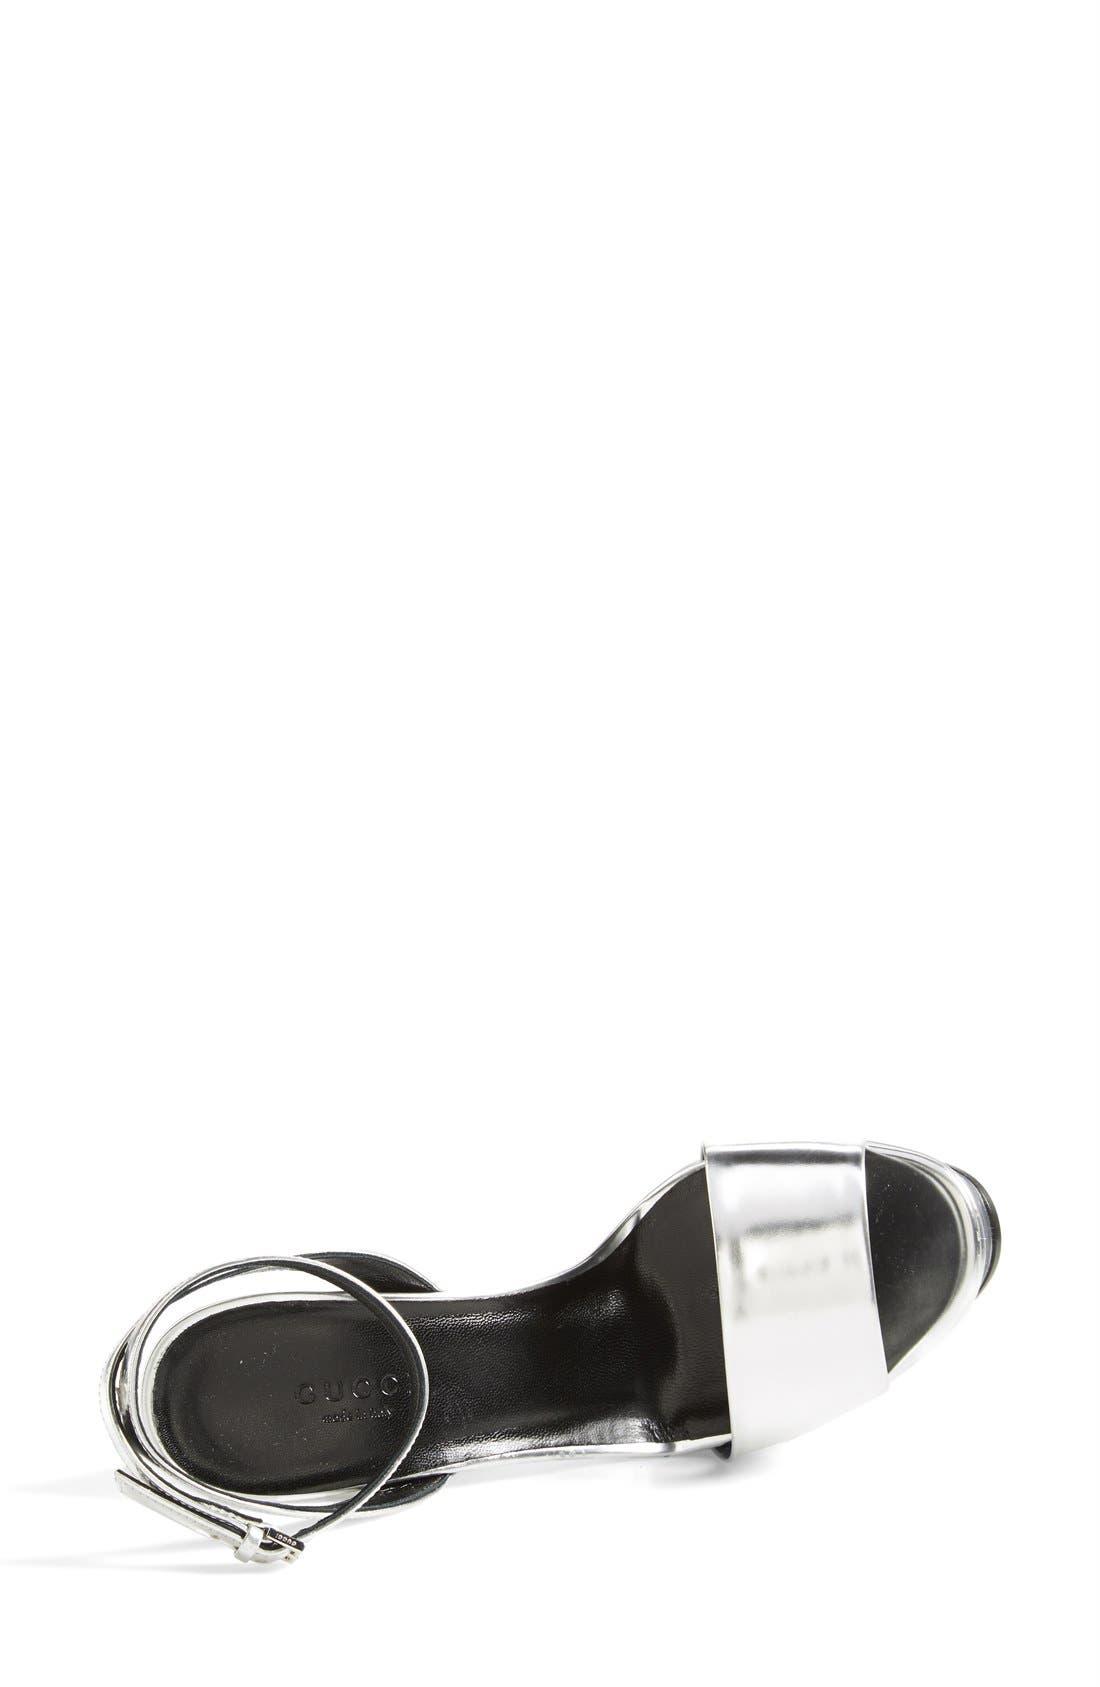 Alternate Image 3  - Gucci 'Leila' Metallic Platform Sandal (Women)